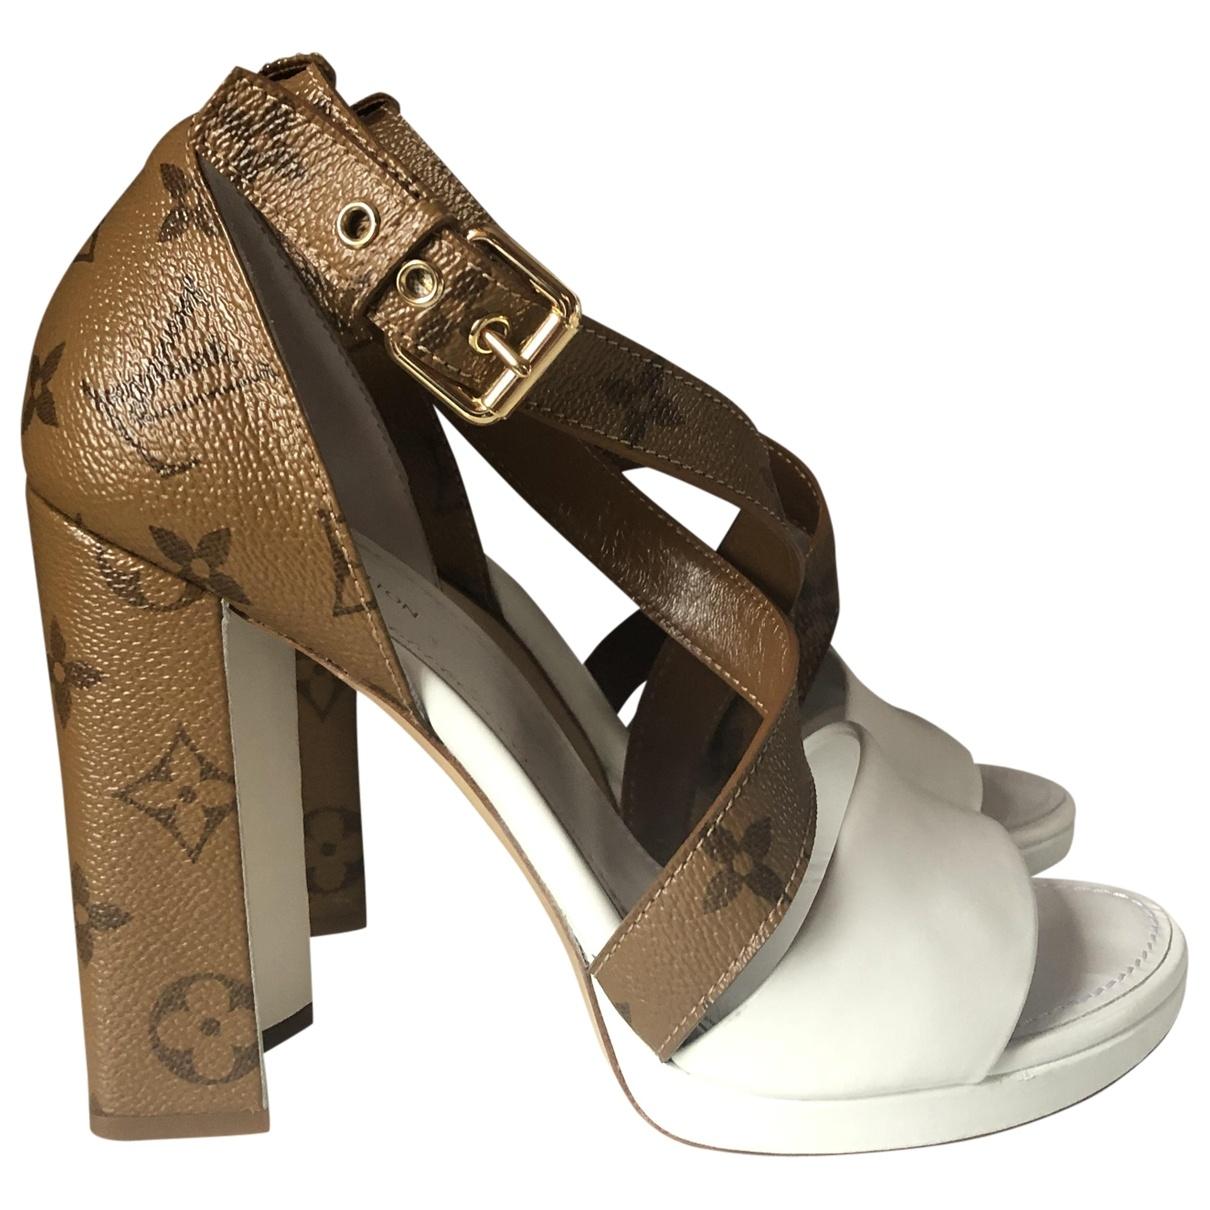 Louis Vuitton - Sandales Star trail pour femme en toile - marron